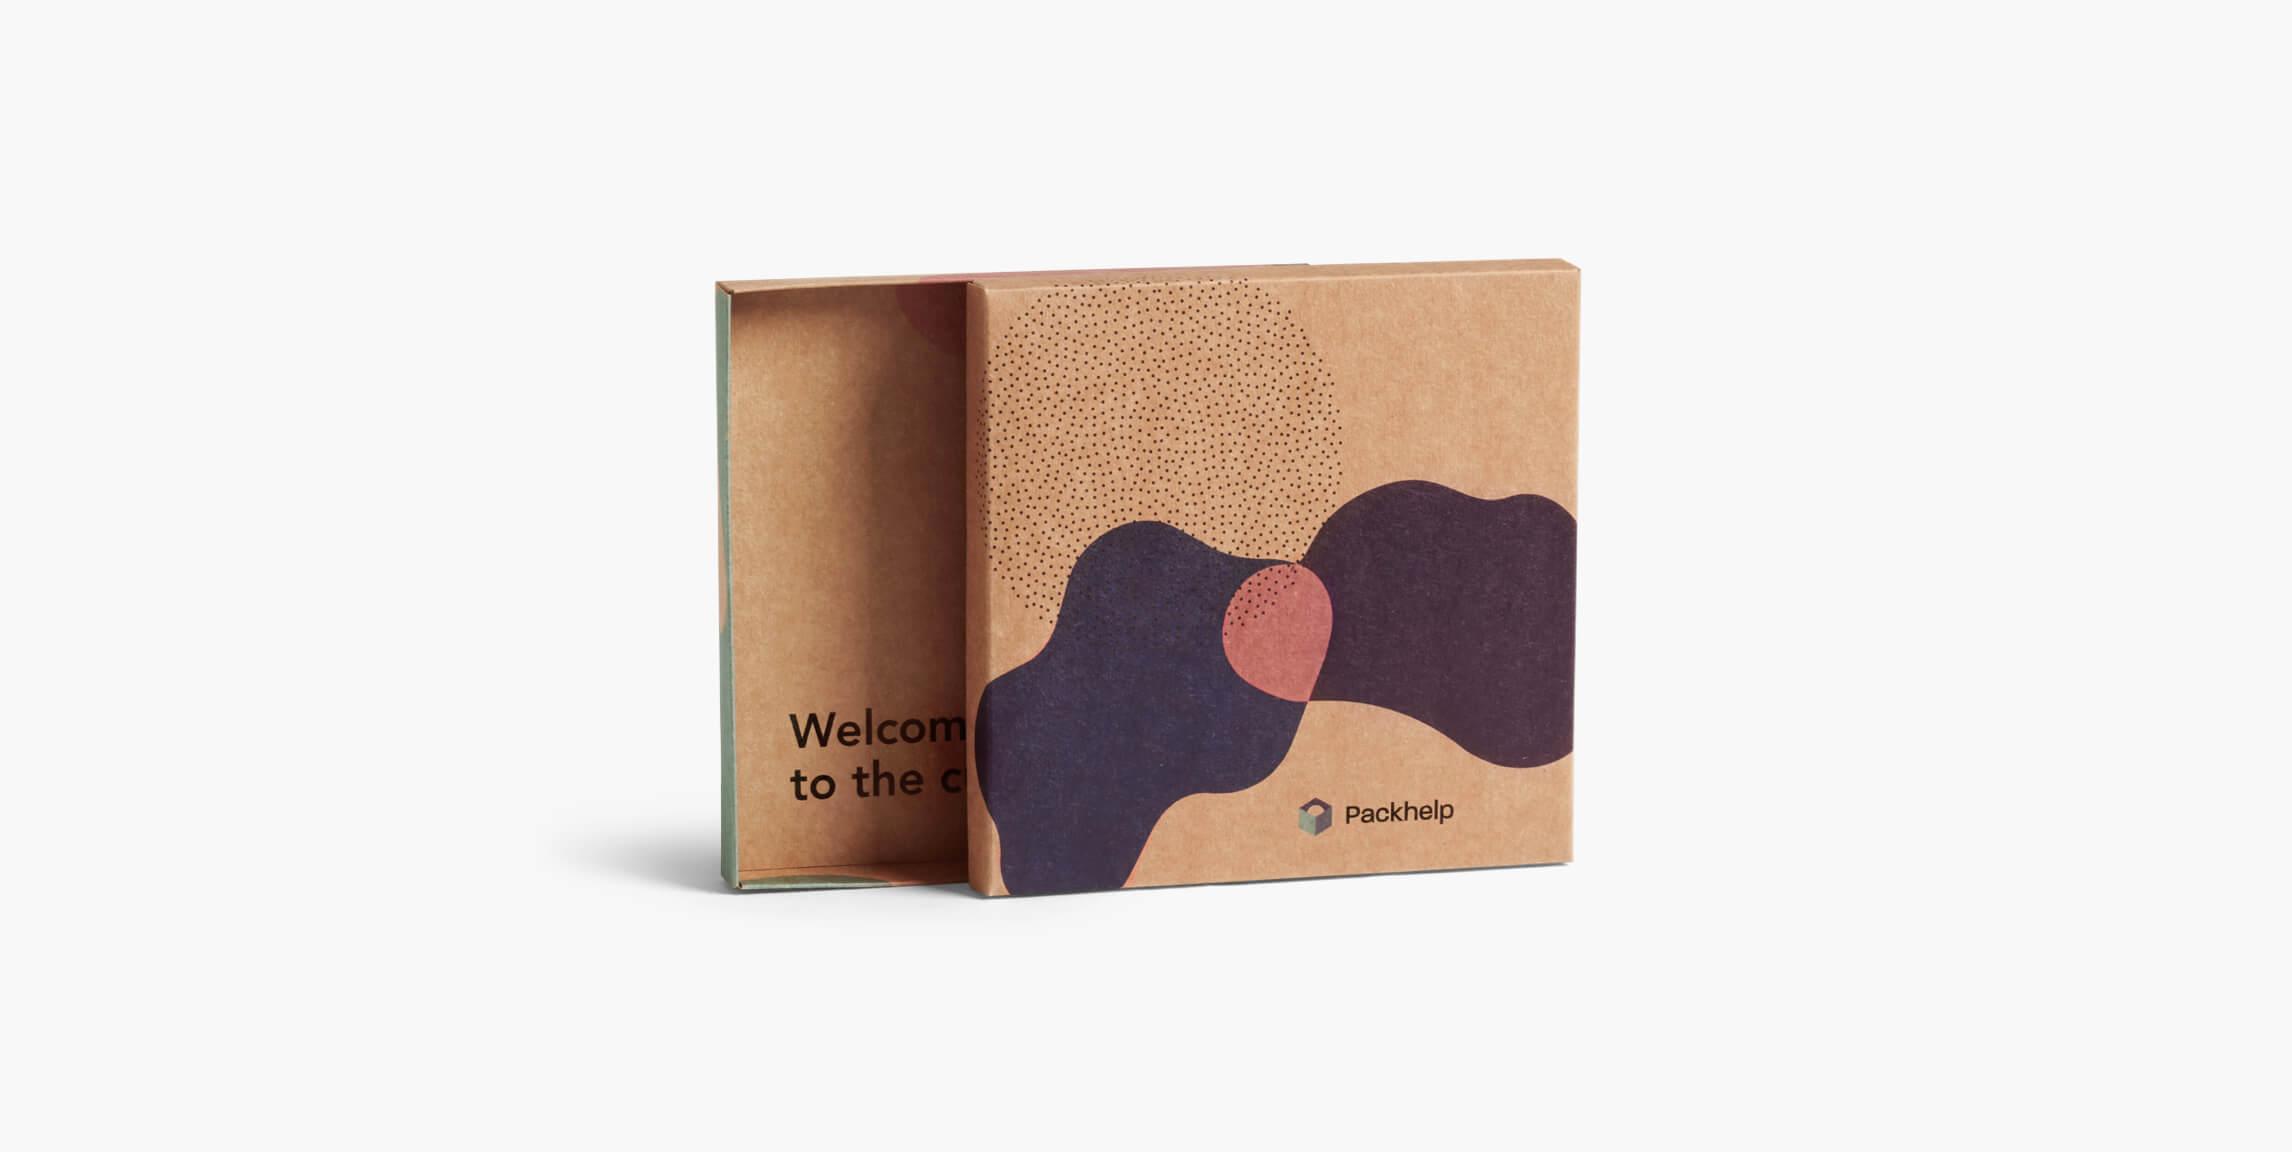 Dvoudílná krabice - vlastní balení - Packhelp